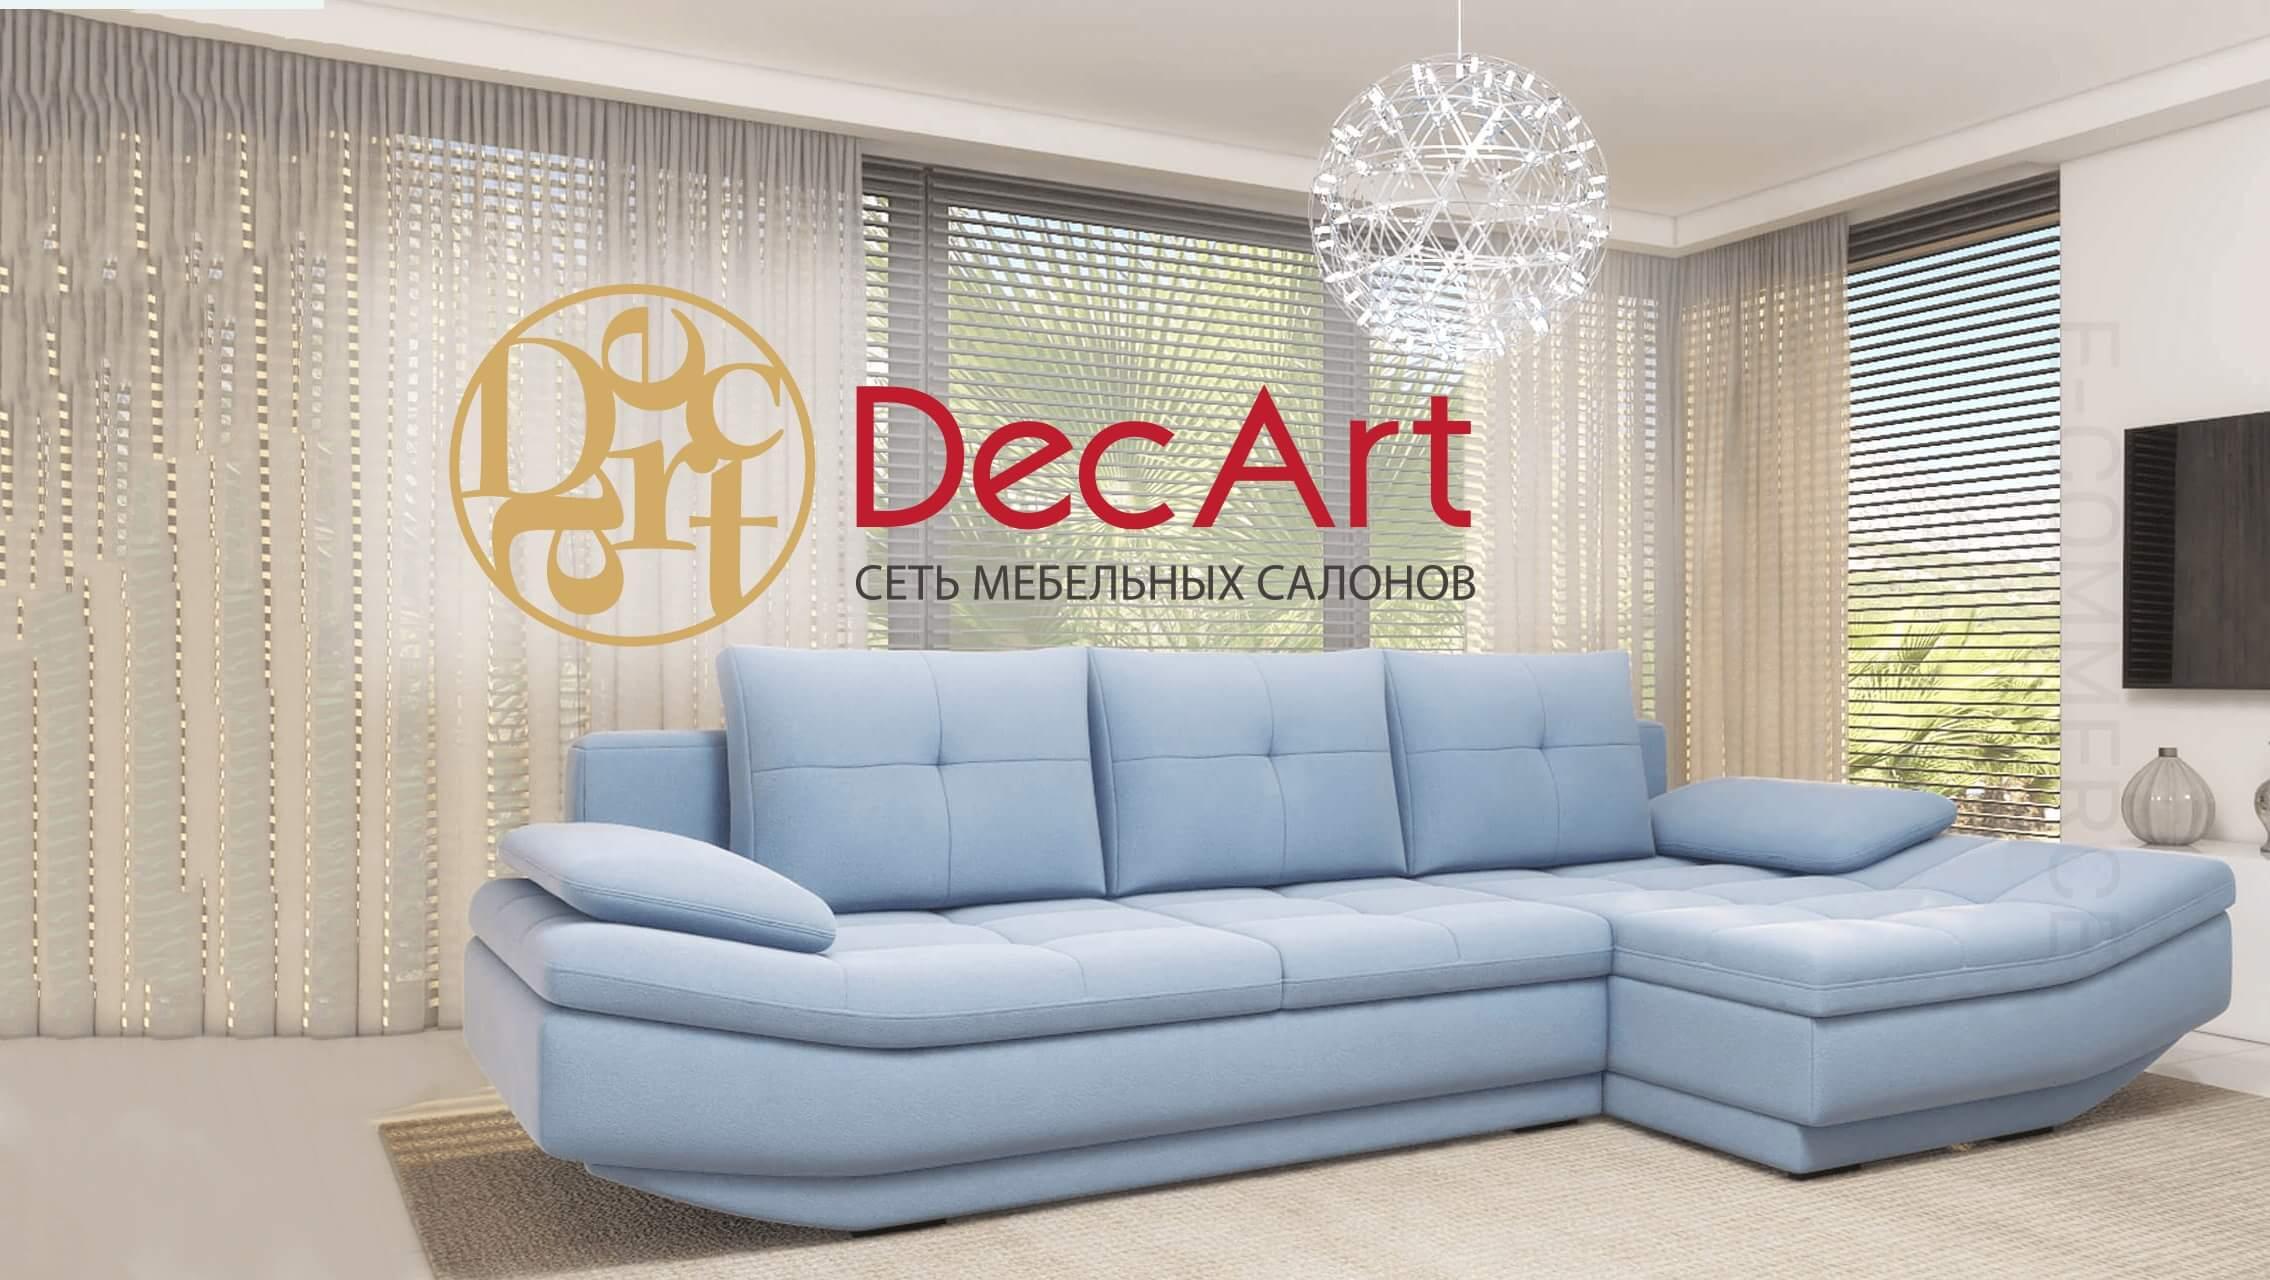 Разработка интернет-магазина мебельной сети Decart